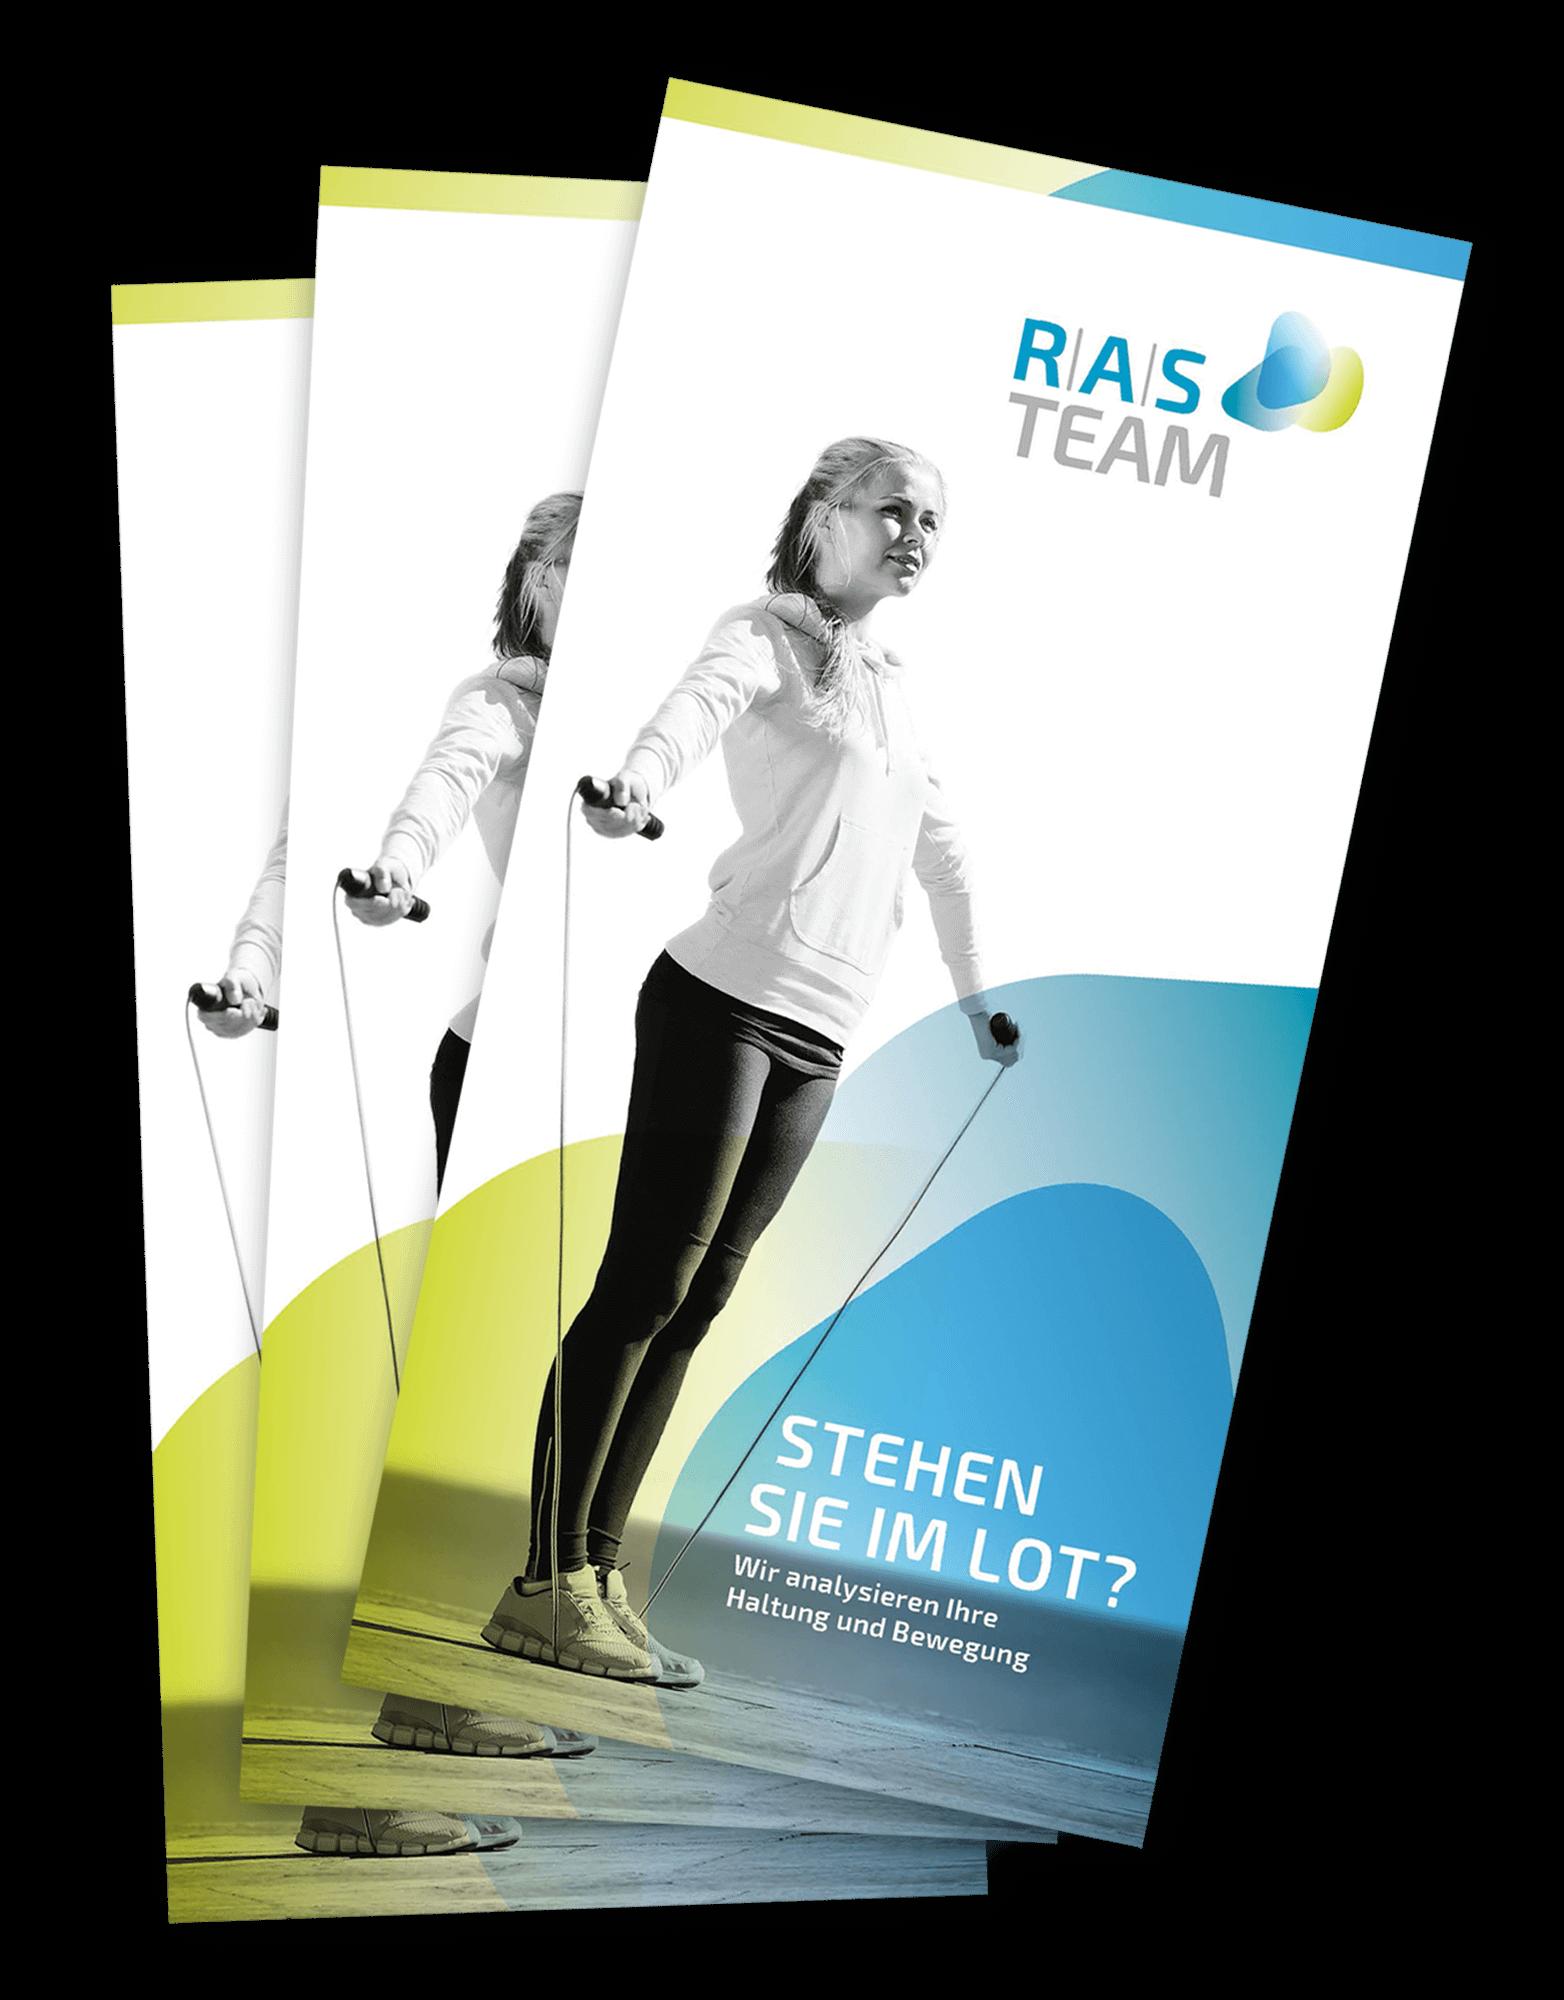 Der Flyer des RAS Teams, ein neues Corporate Design für ein neues Gesicht